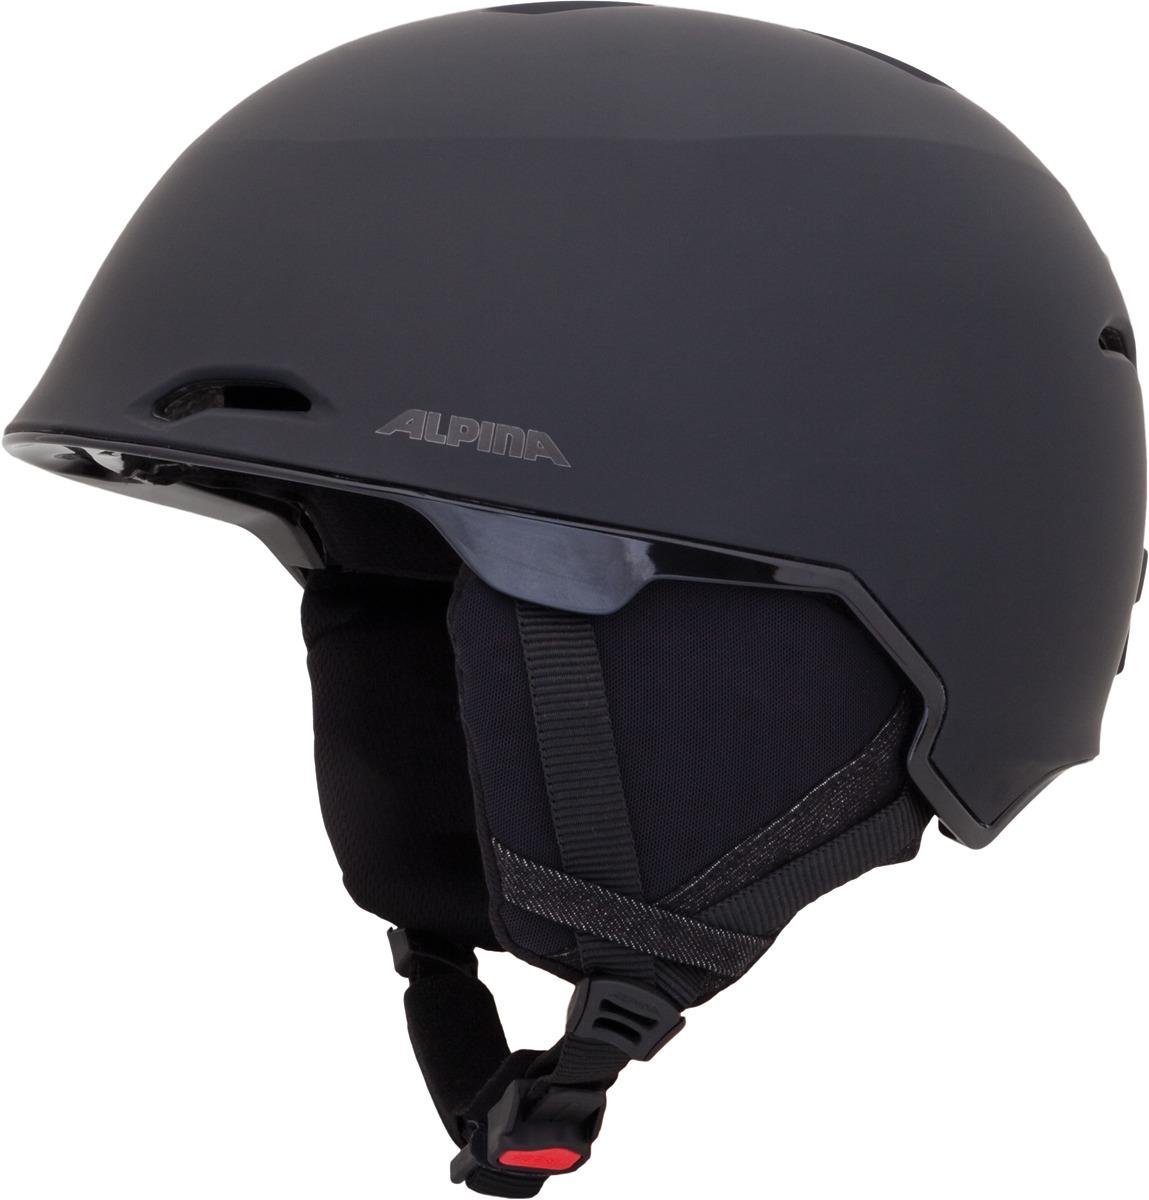 Шлем горнолыжный зимний Alpina Alpina Maroi, черный, размер 61-64 см